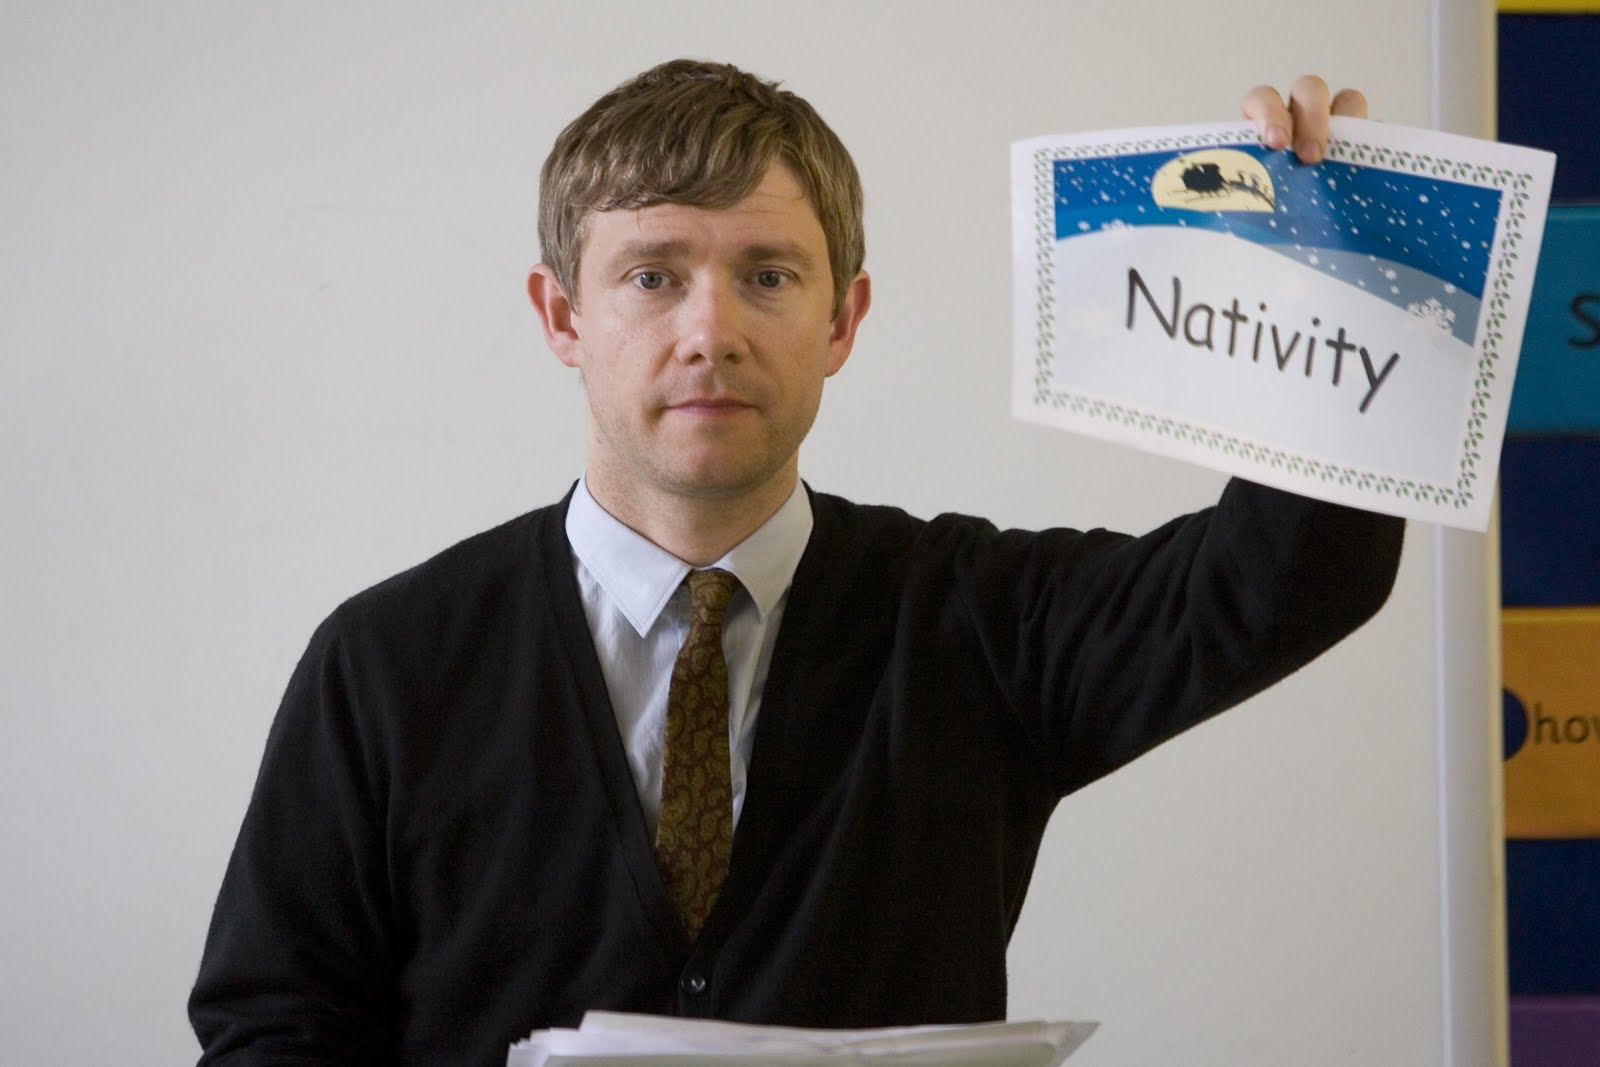 http://3.bp.blogspot.com/-Sn_t7VhWBqM/Tt_NlVl0VXI/AAAAAAAABP8/sVOu3wOGDGo/s1600/Nativity_3%2B%25282%2529.JPG